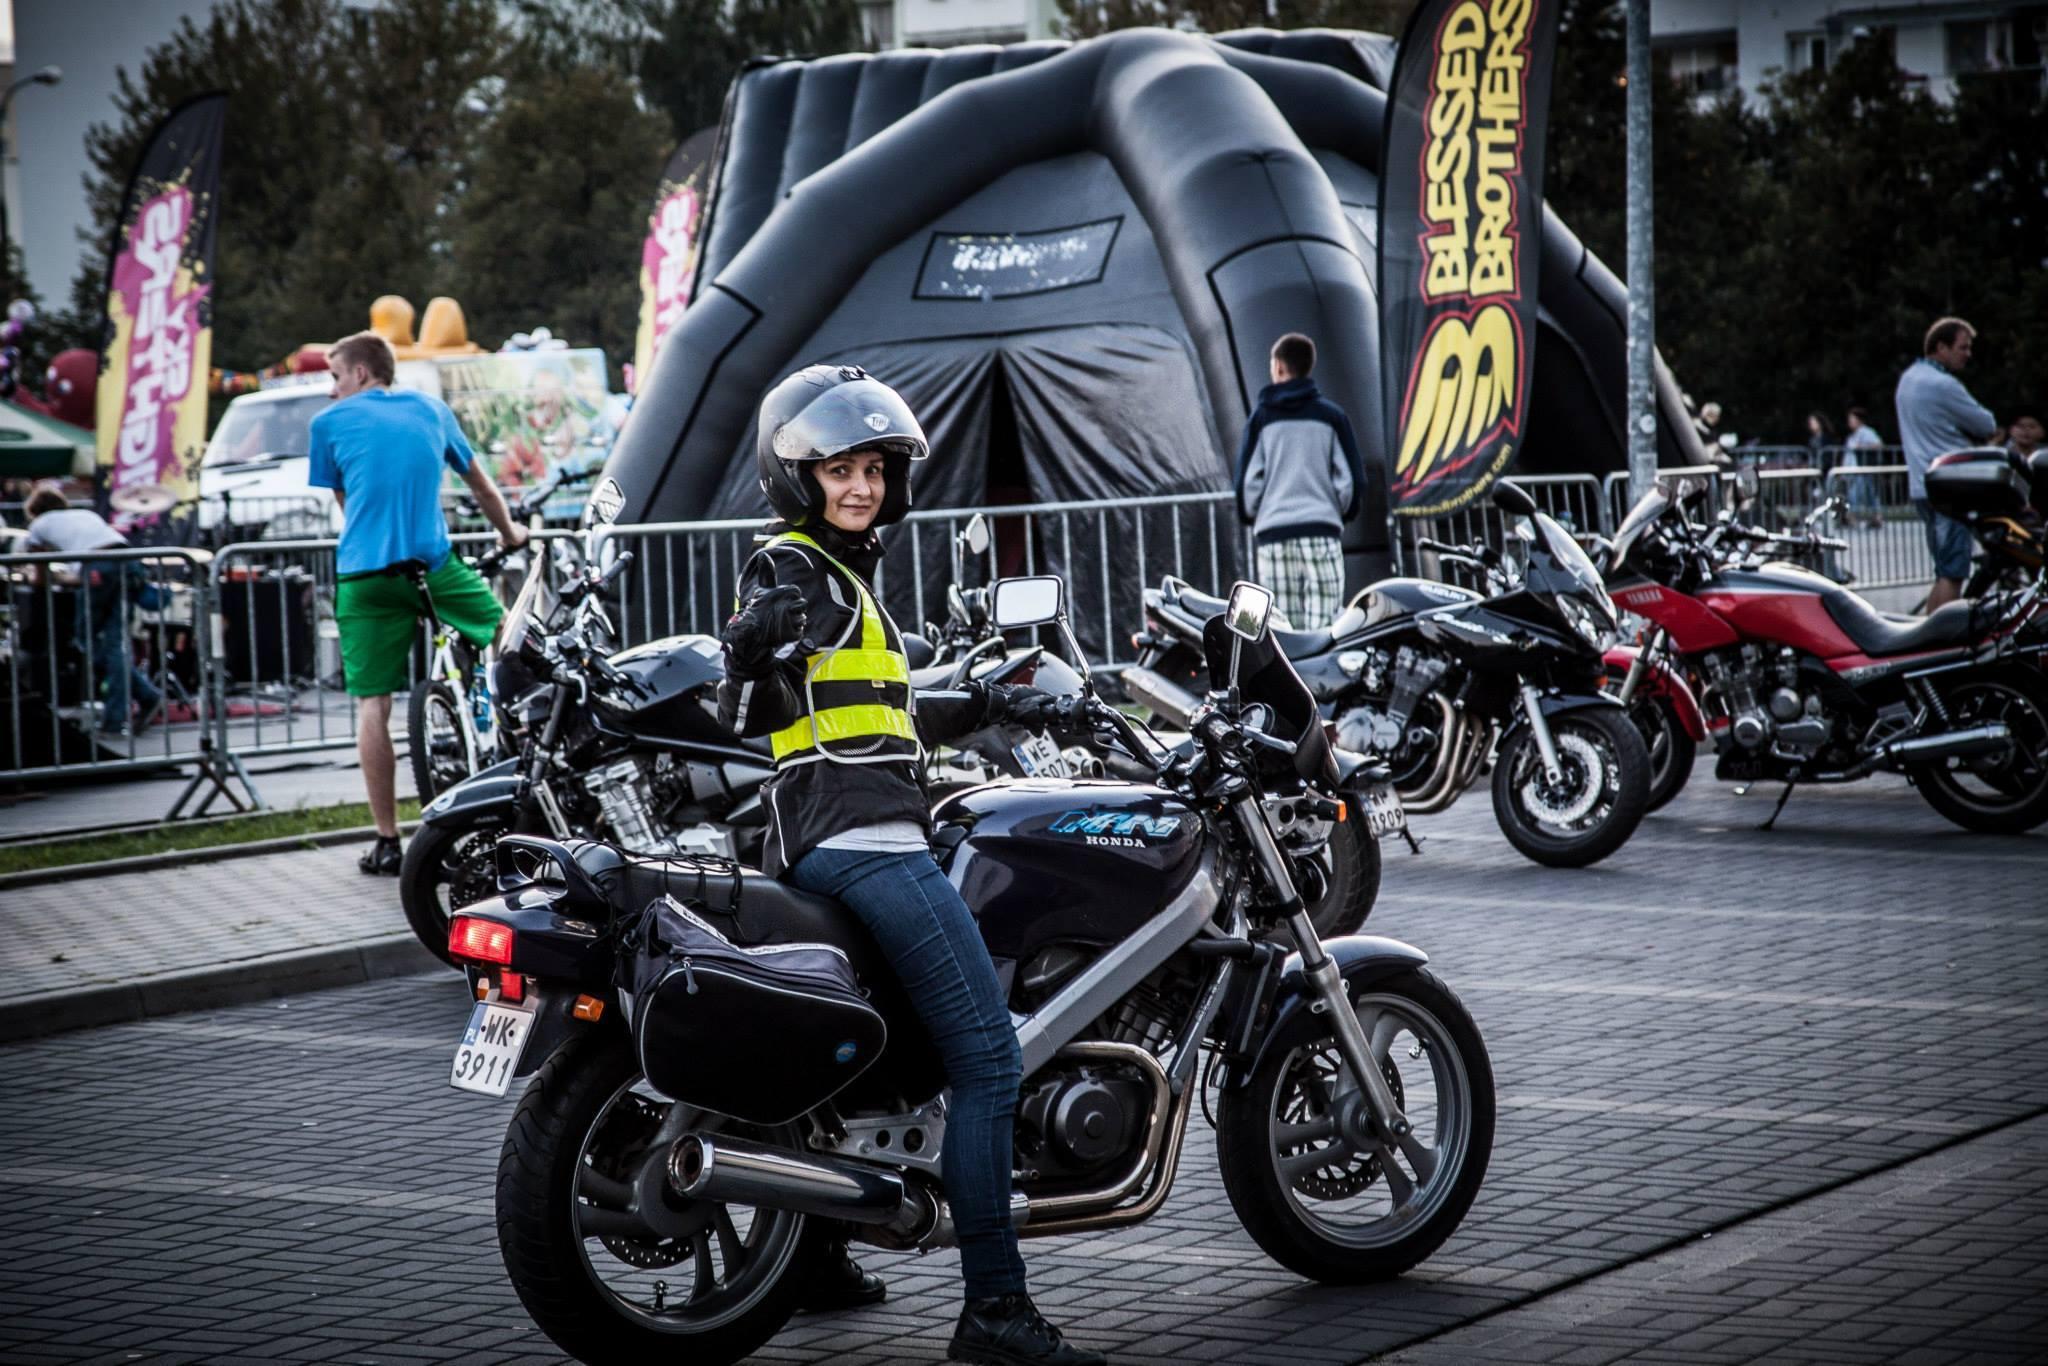 Seksizm w świecie sportu i motoryzacji – wywiad na motocaina.pl